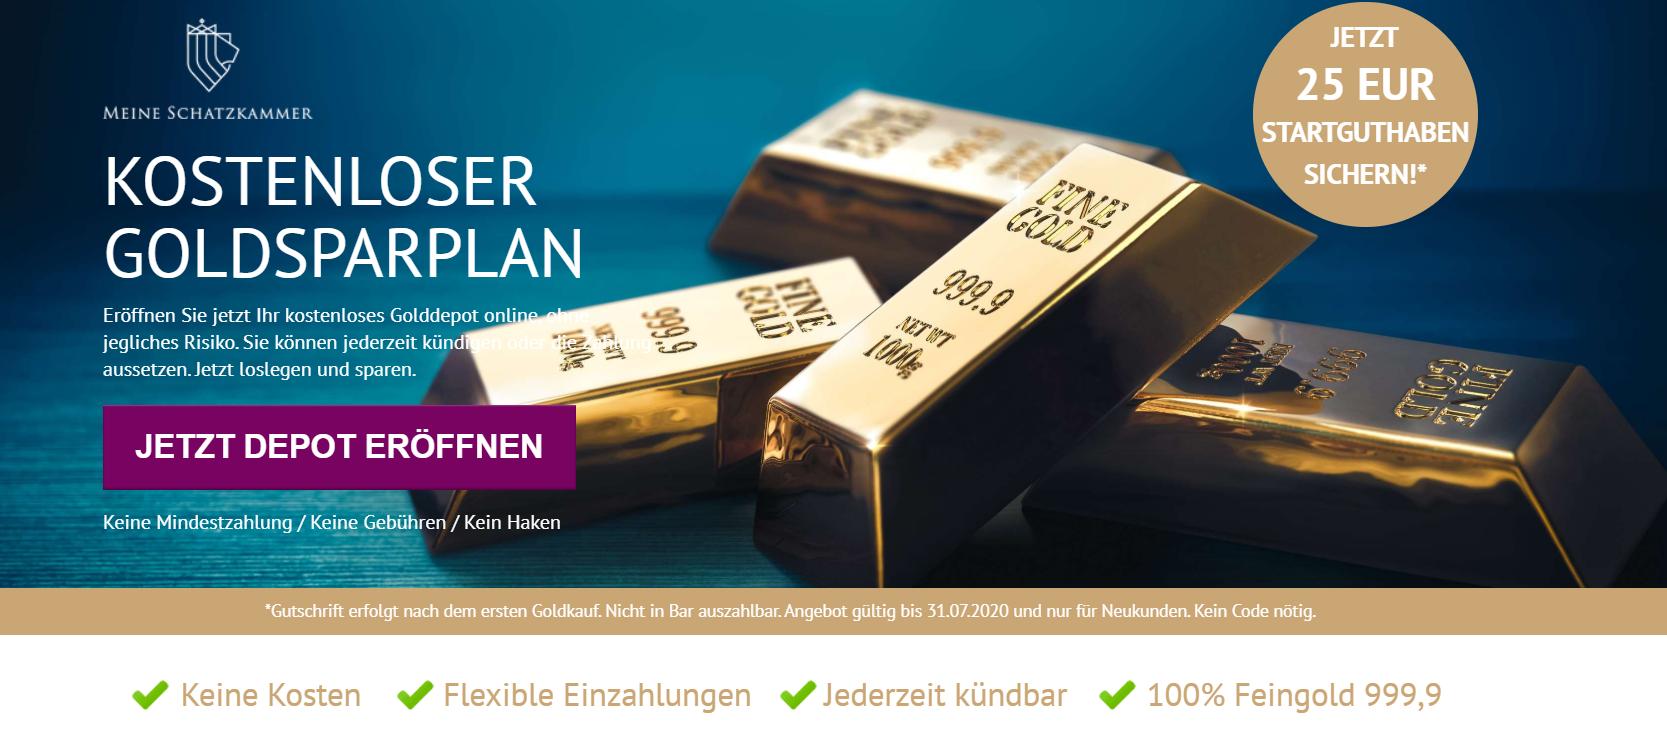 Meine Schatzkammer - Gold ETF